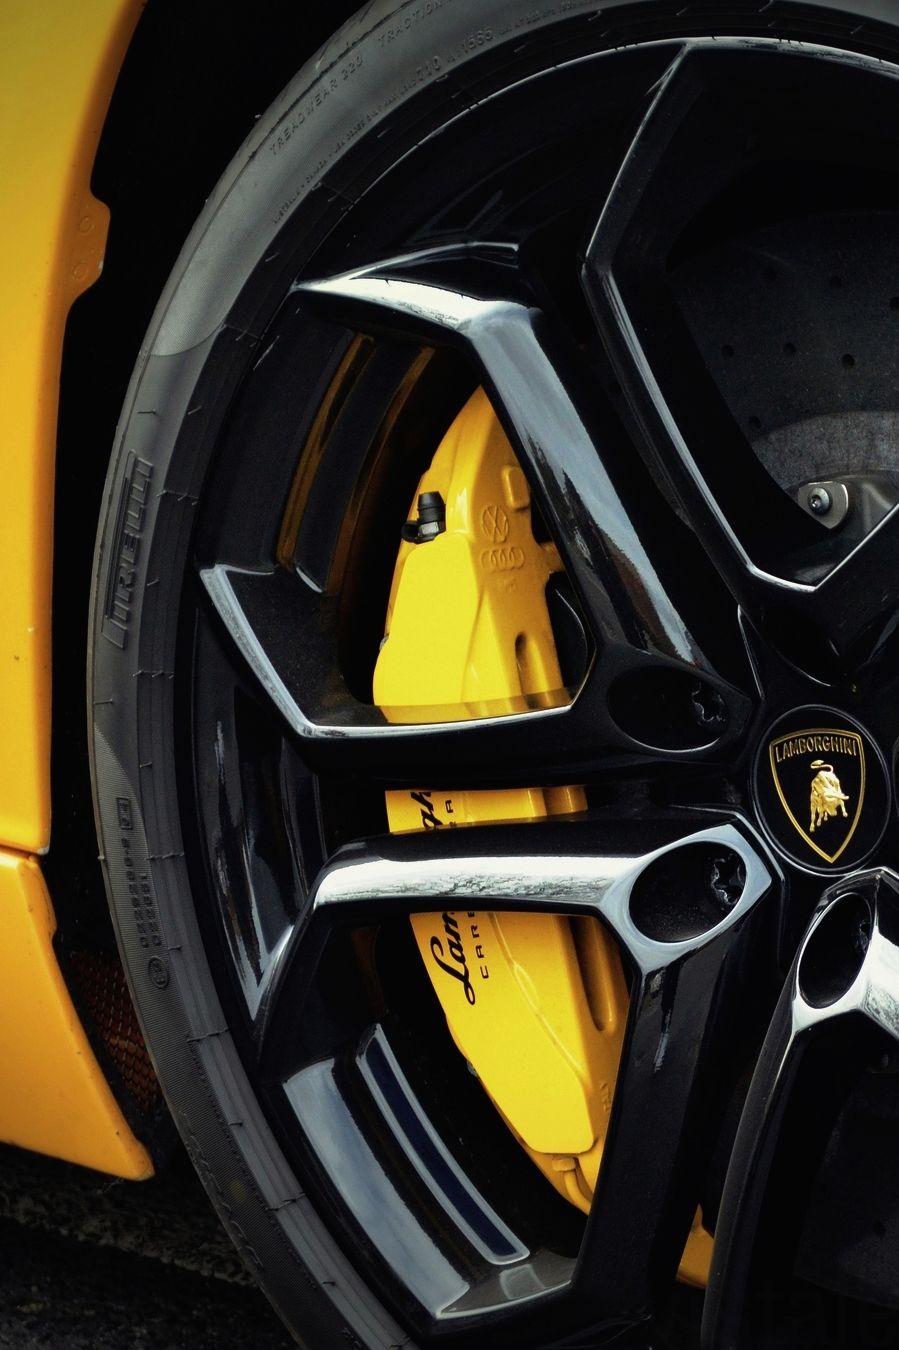 Lamborghini brake caliper opening credits project rims - Sick lamborghini wallpaper ...